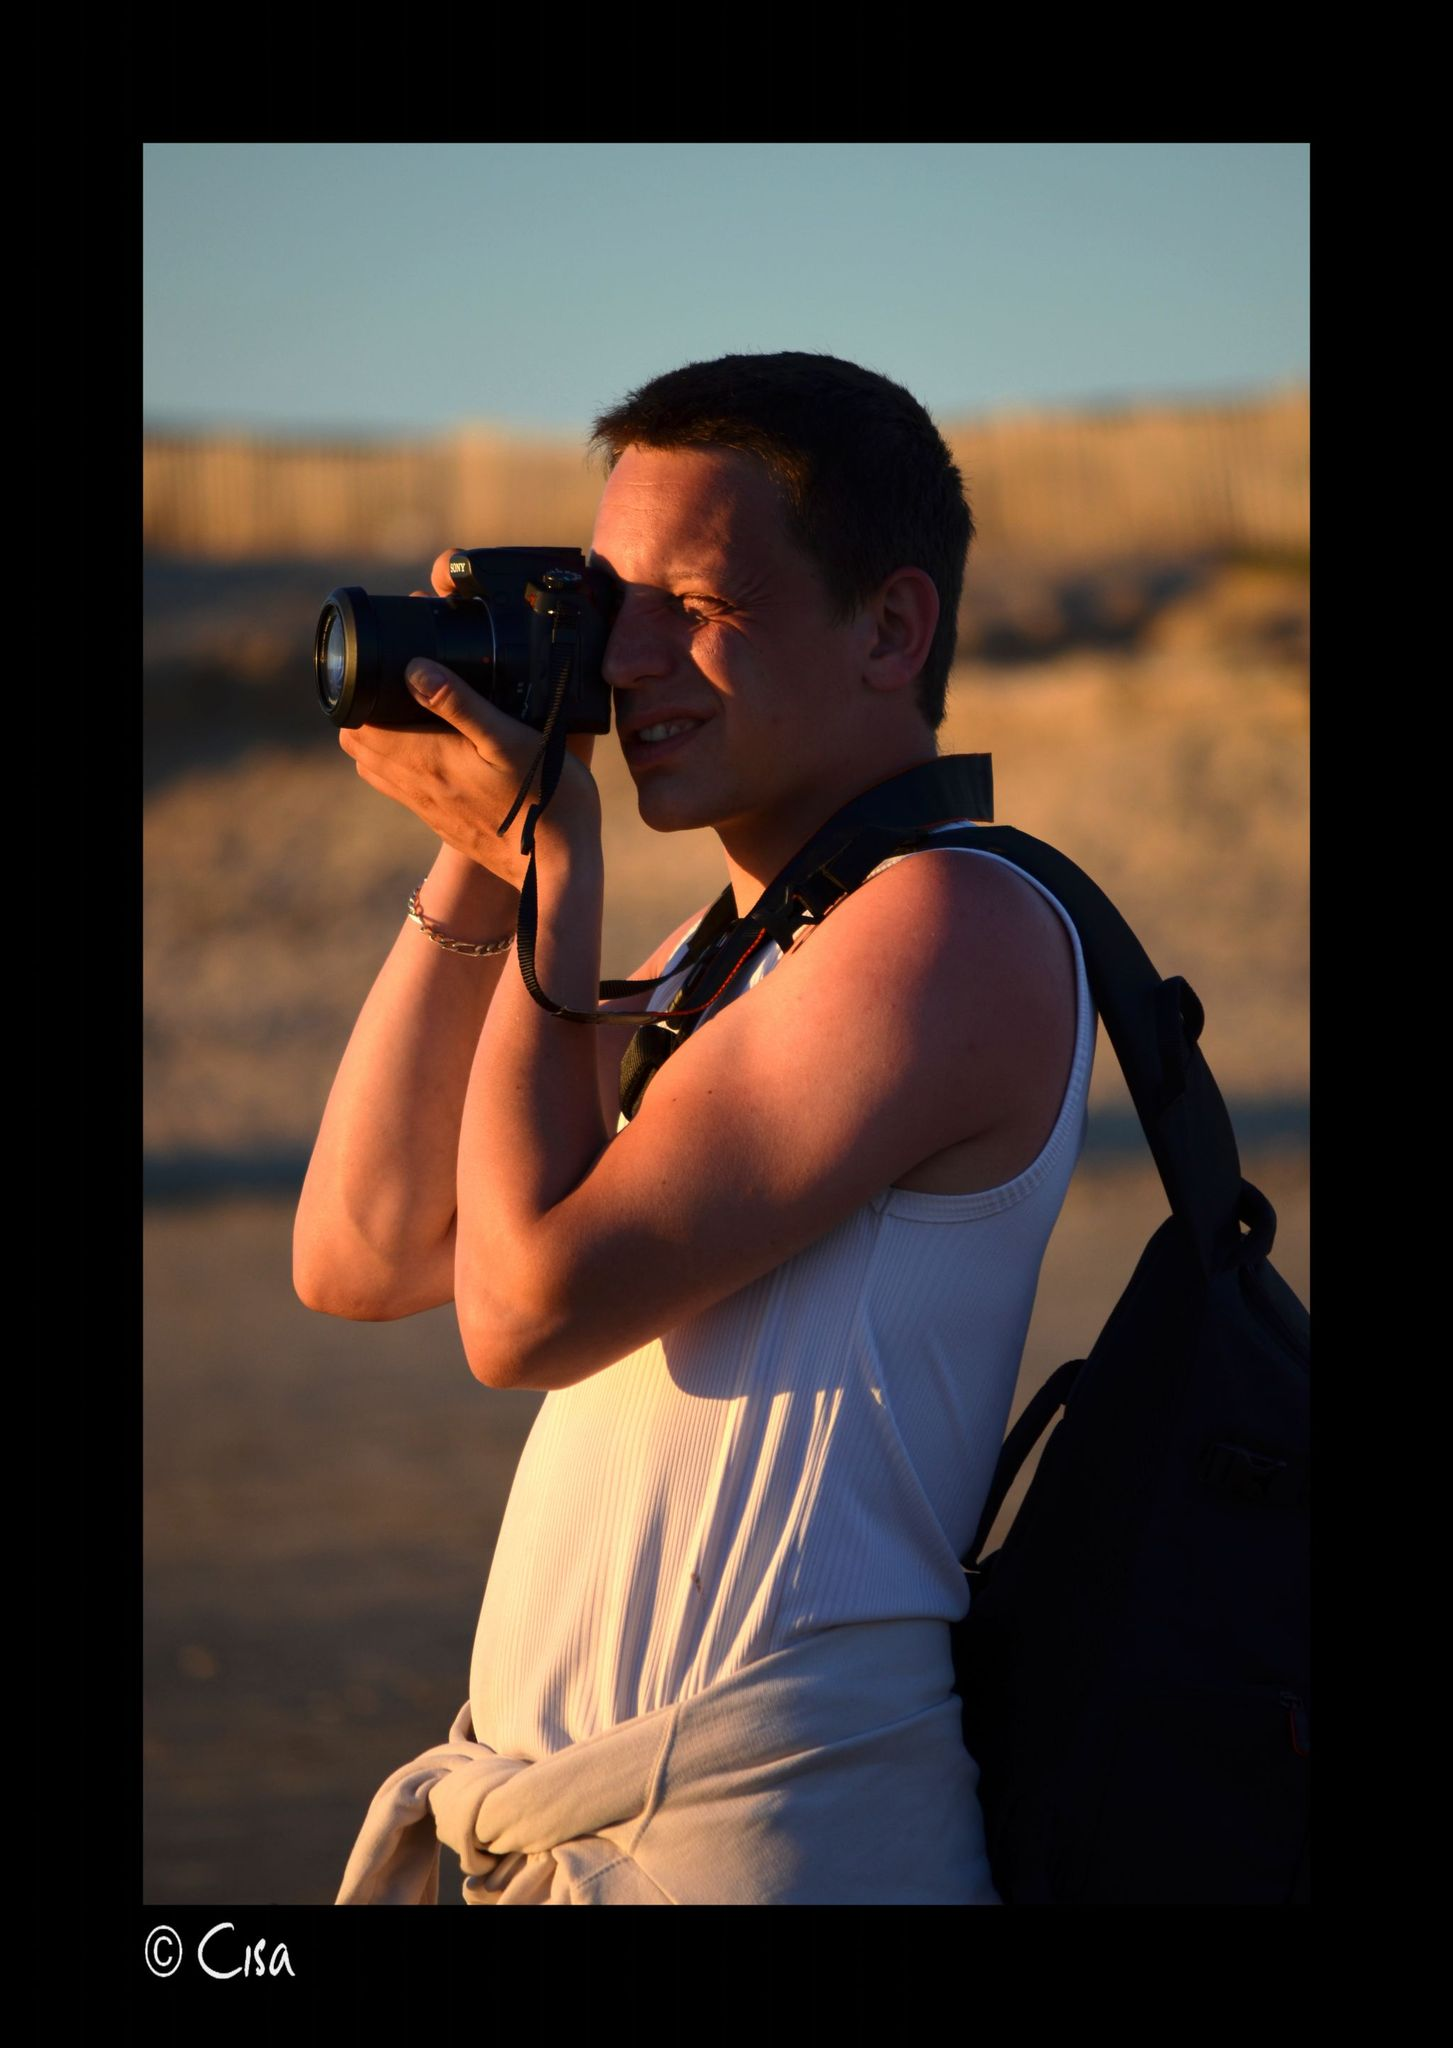 Aurélien Photographe du Soleil